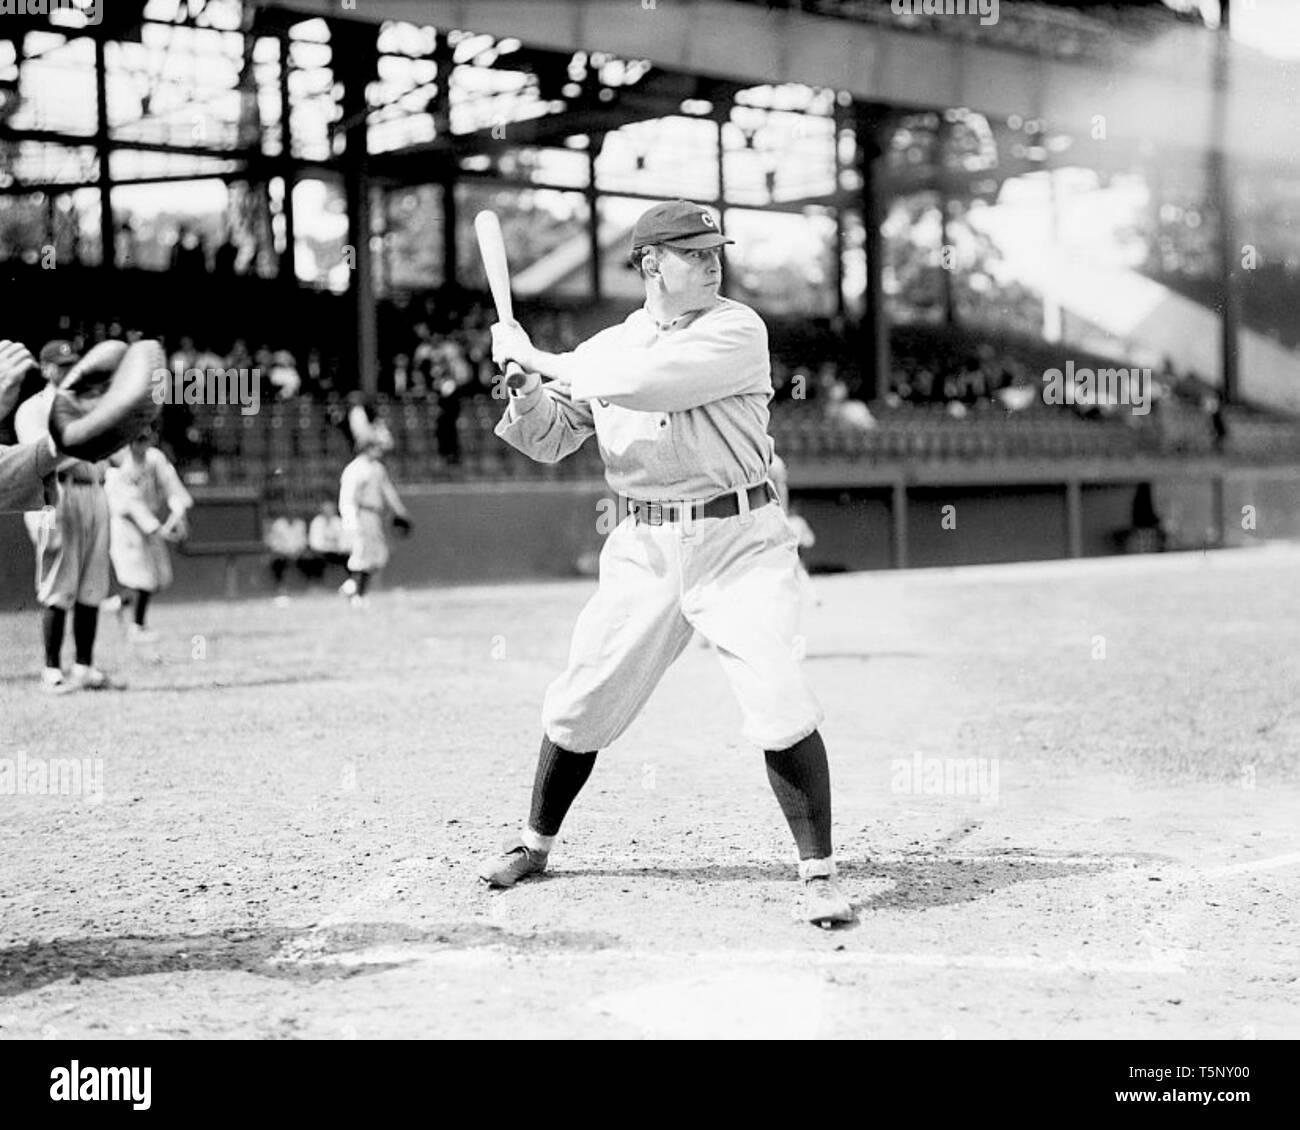 Cleveland Naps, 1913. - Stock Image